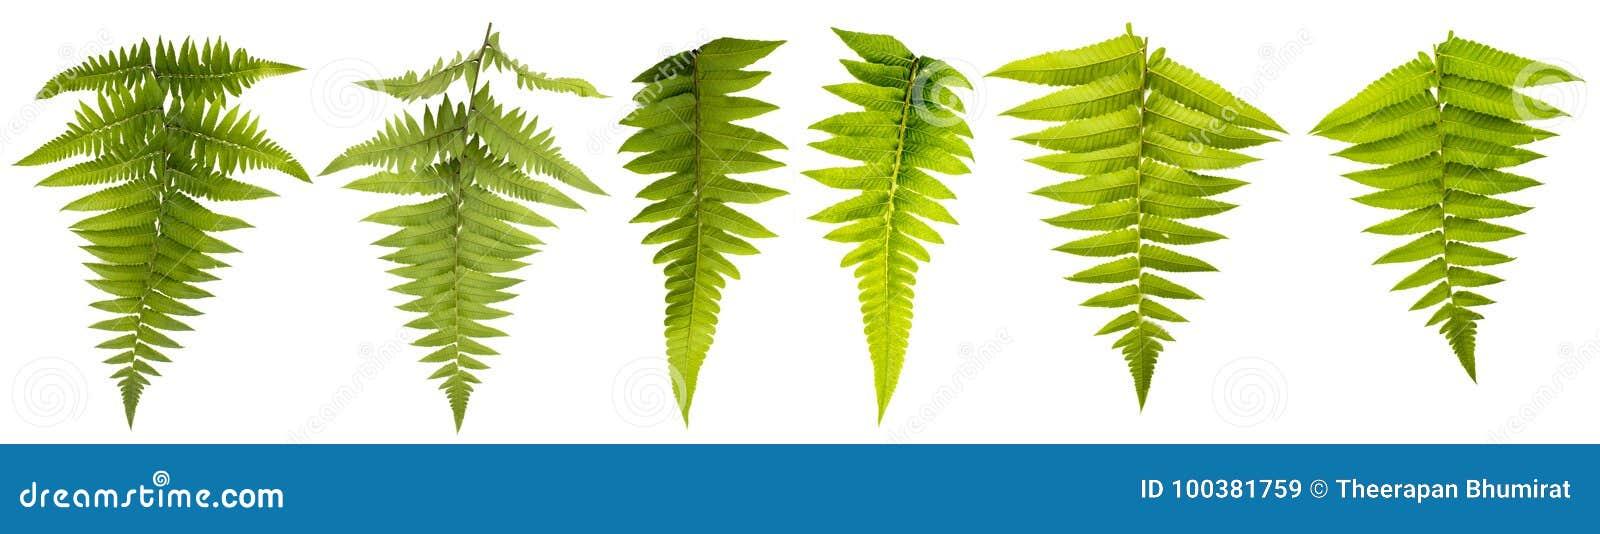 Лист изолированные на белой предпосылке с путем клиппирования Листья используют для щетки и декоративный